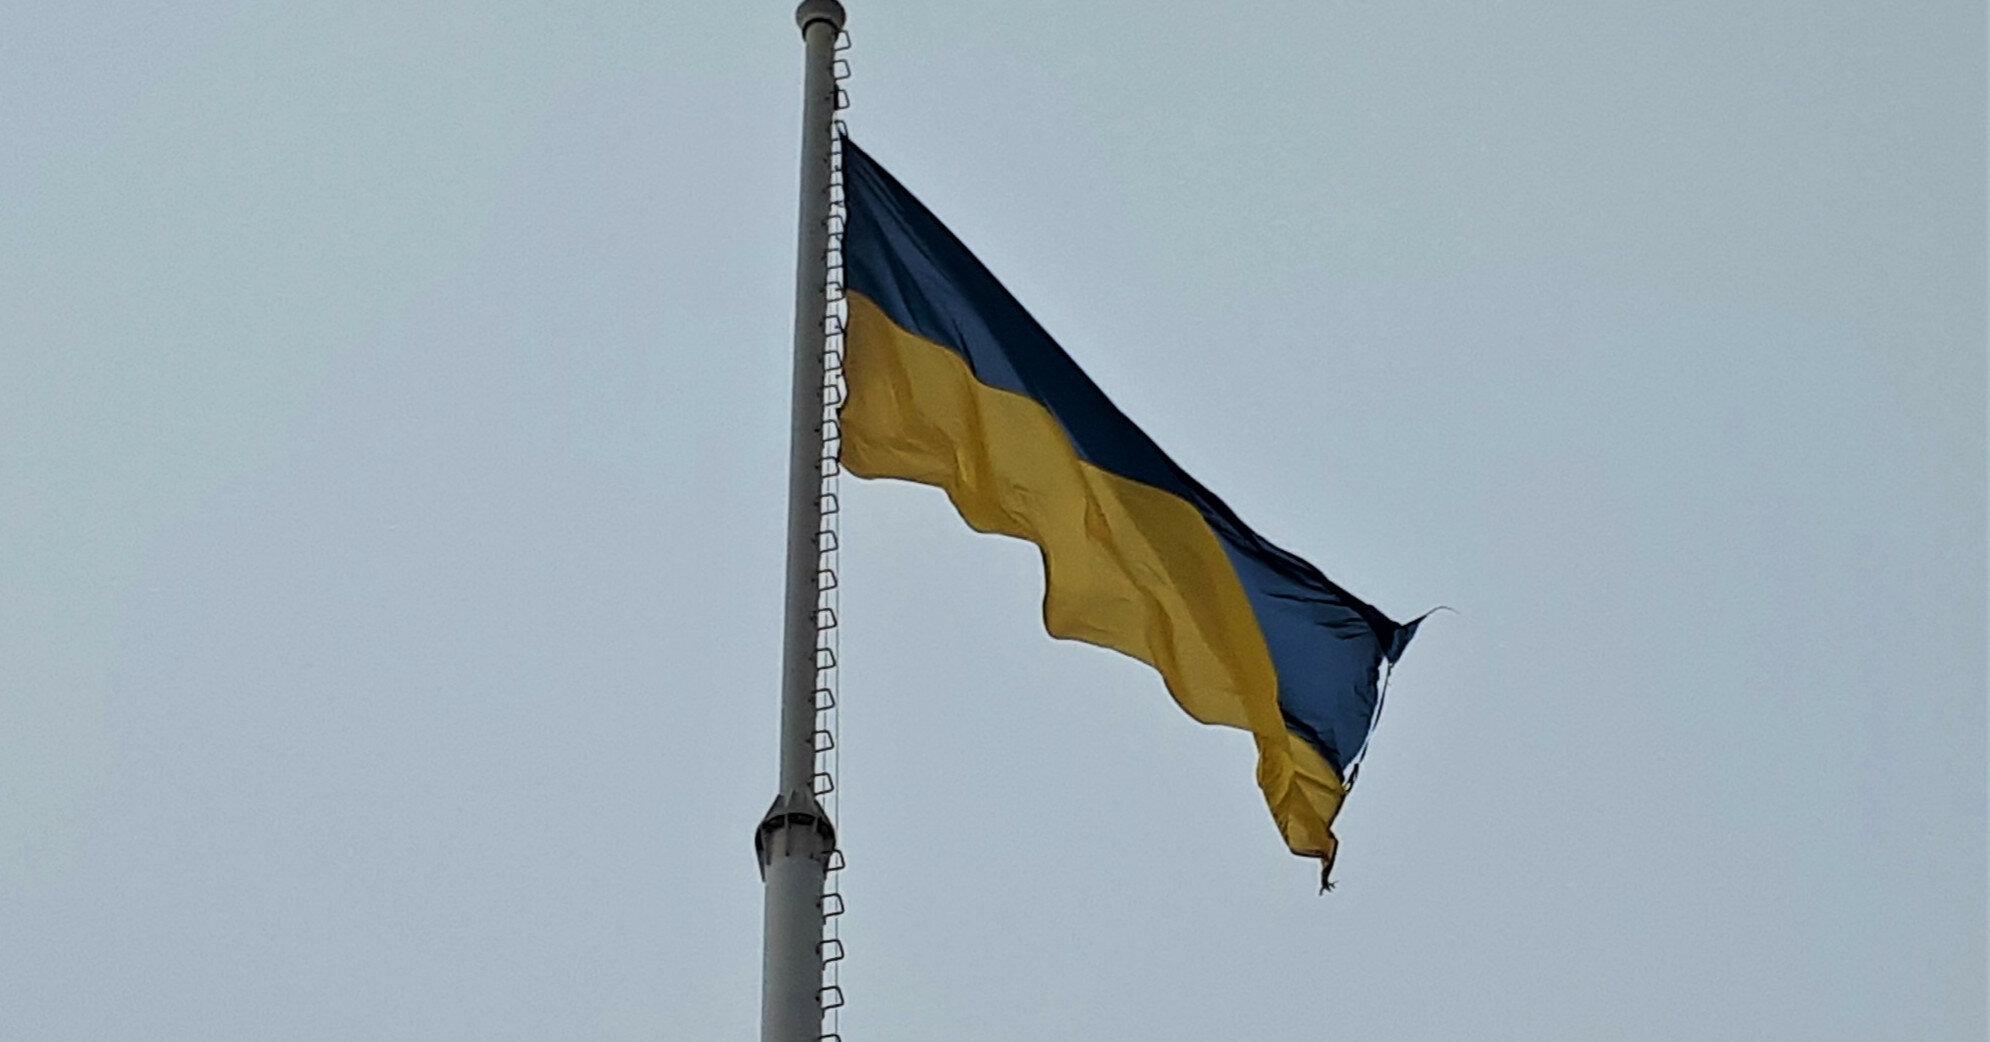 Сколько украинцев поддержали бы сегодня провозглашение независимости